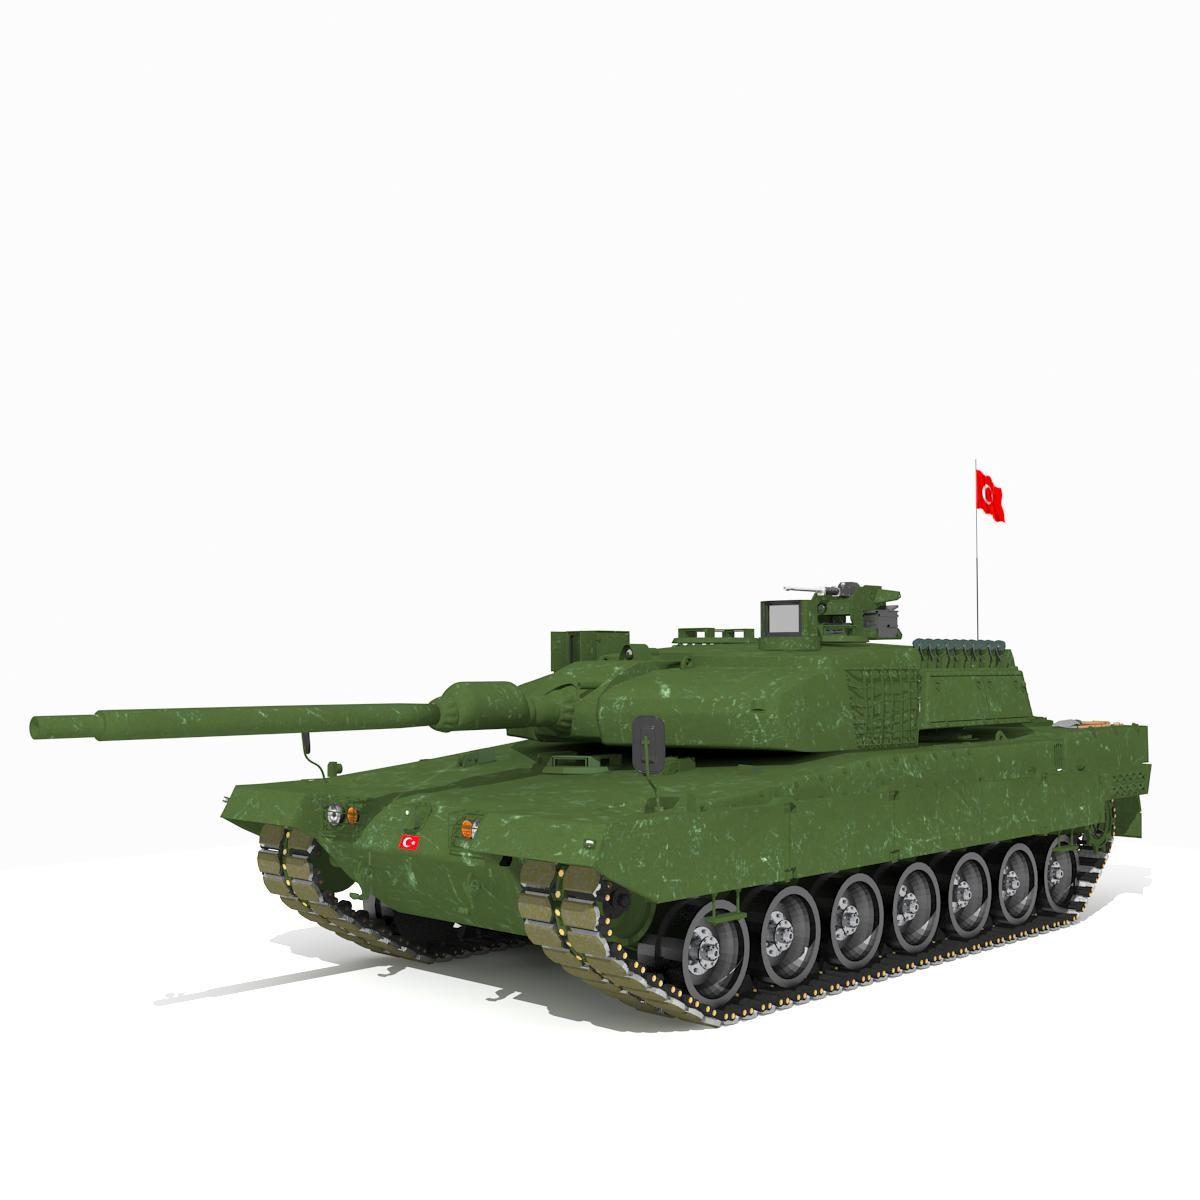 altay tank model